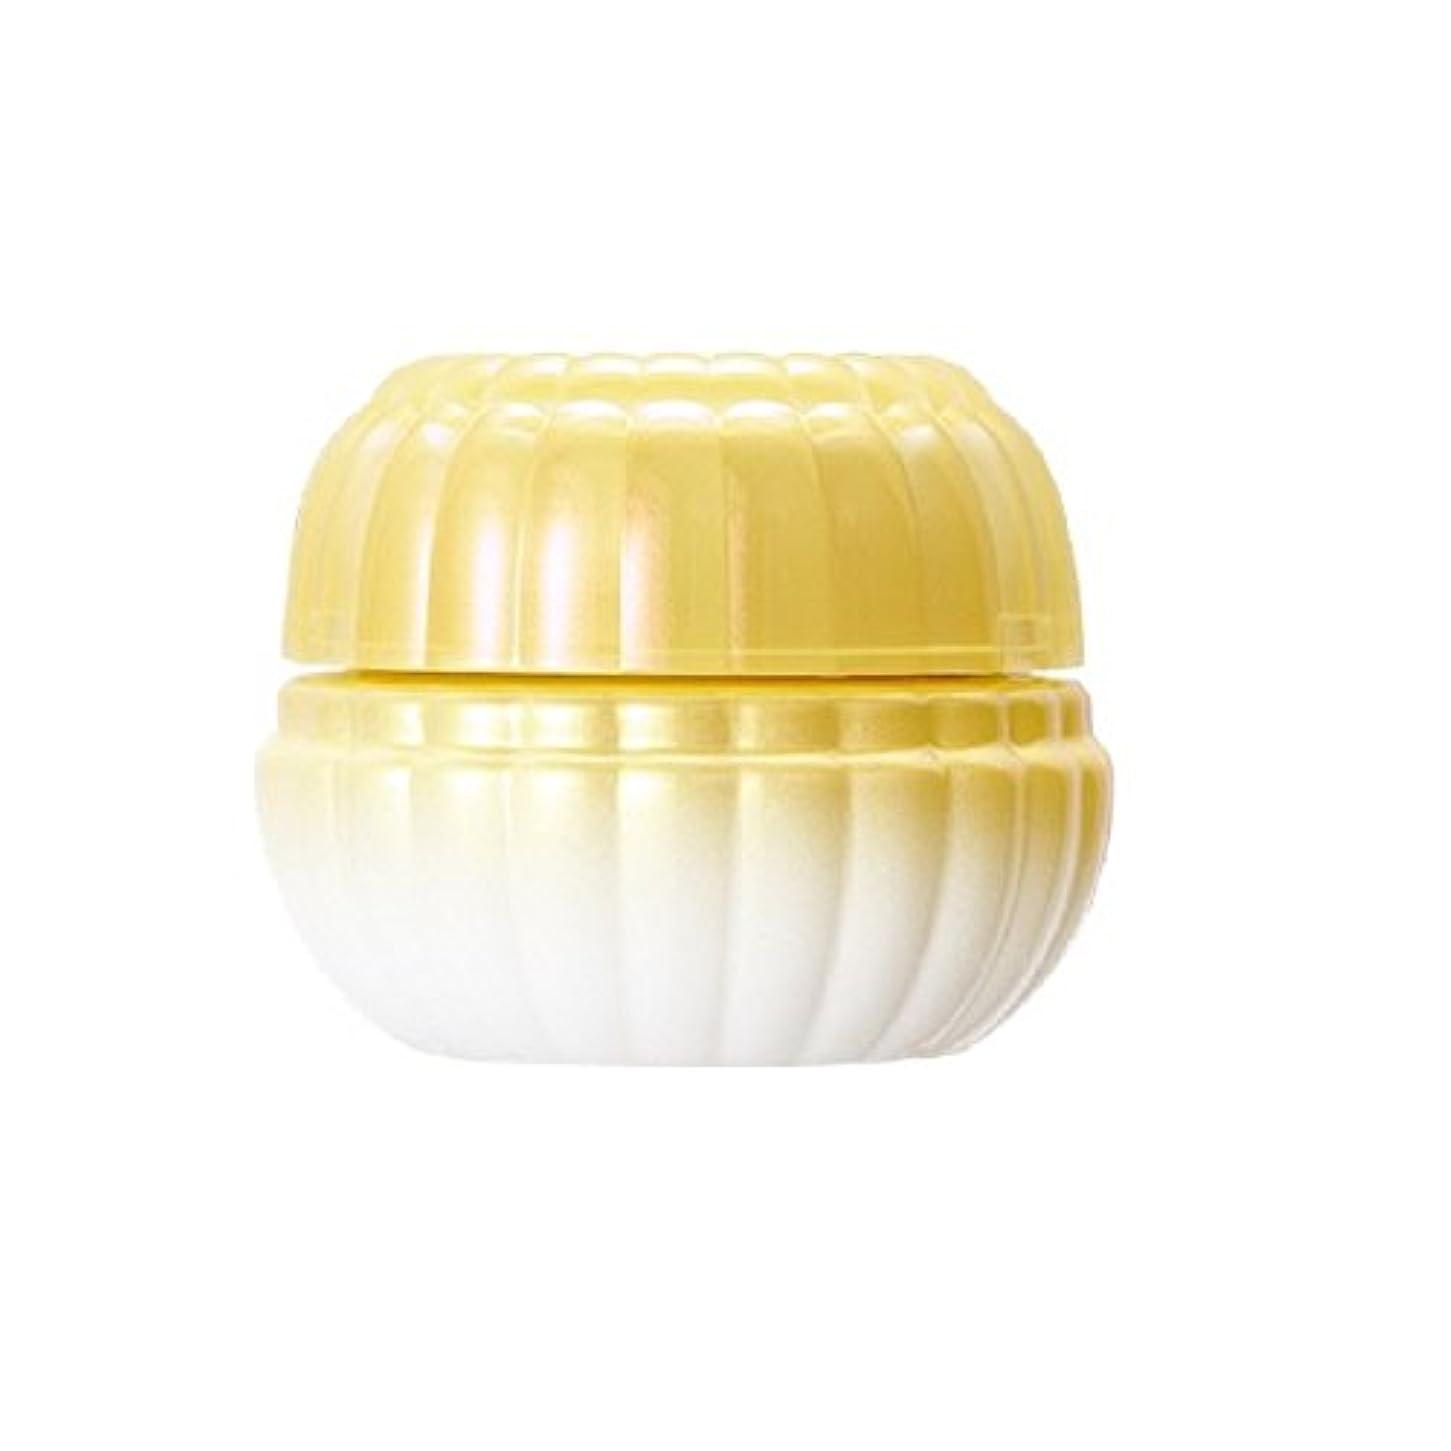 事業内容ニンニク統計的アユーラ (AYURA) モイストパワライズクリーム (医薬部外品) 28g 〈美白クリーム〉